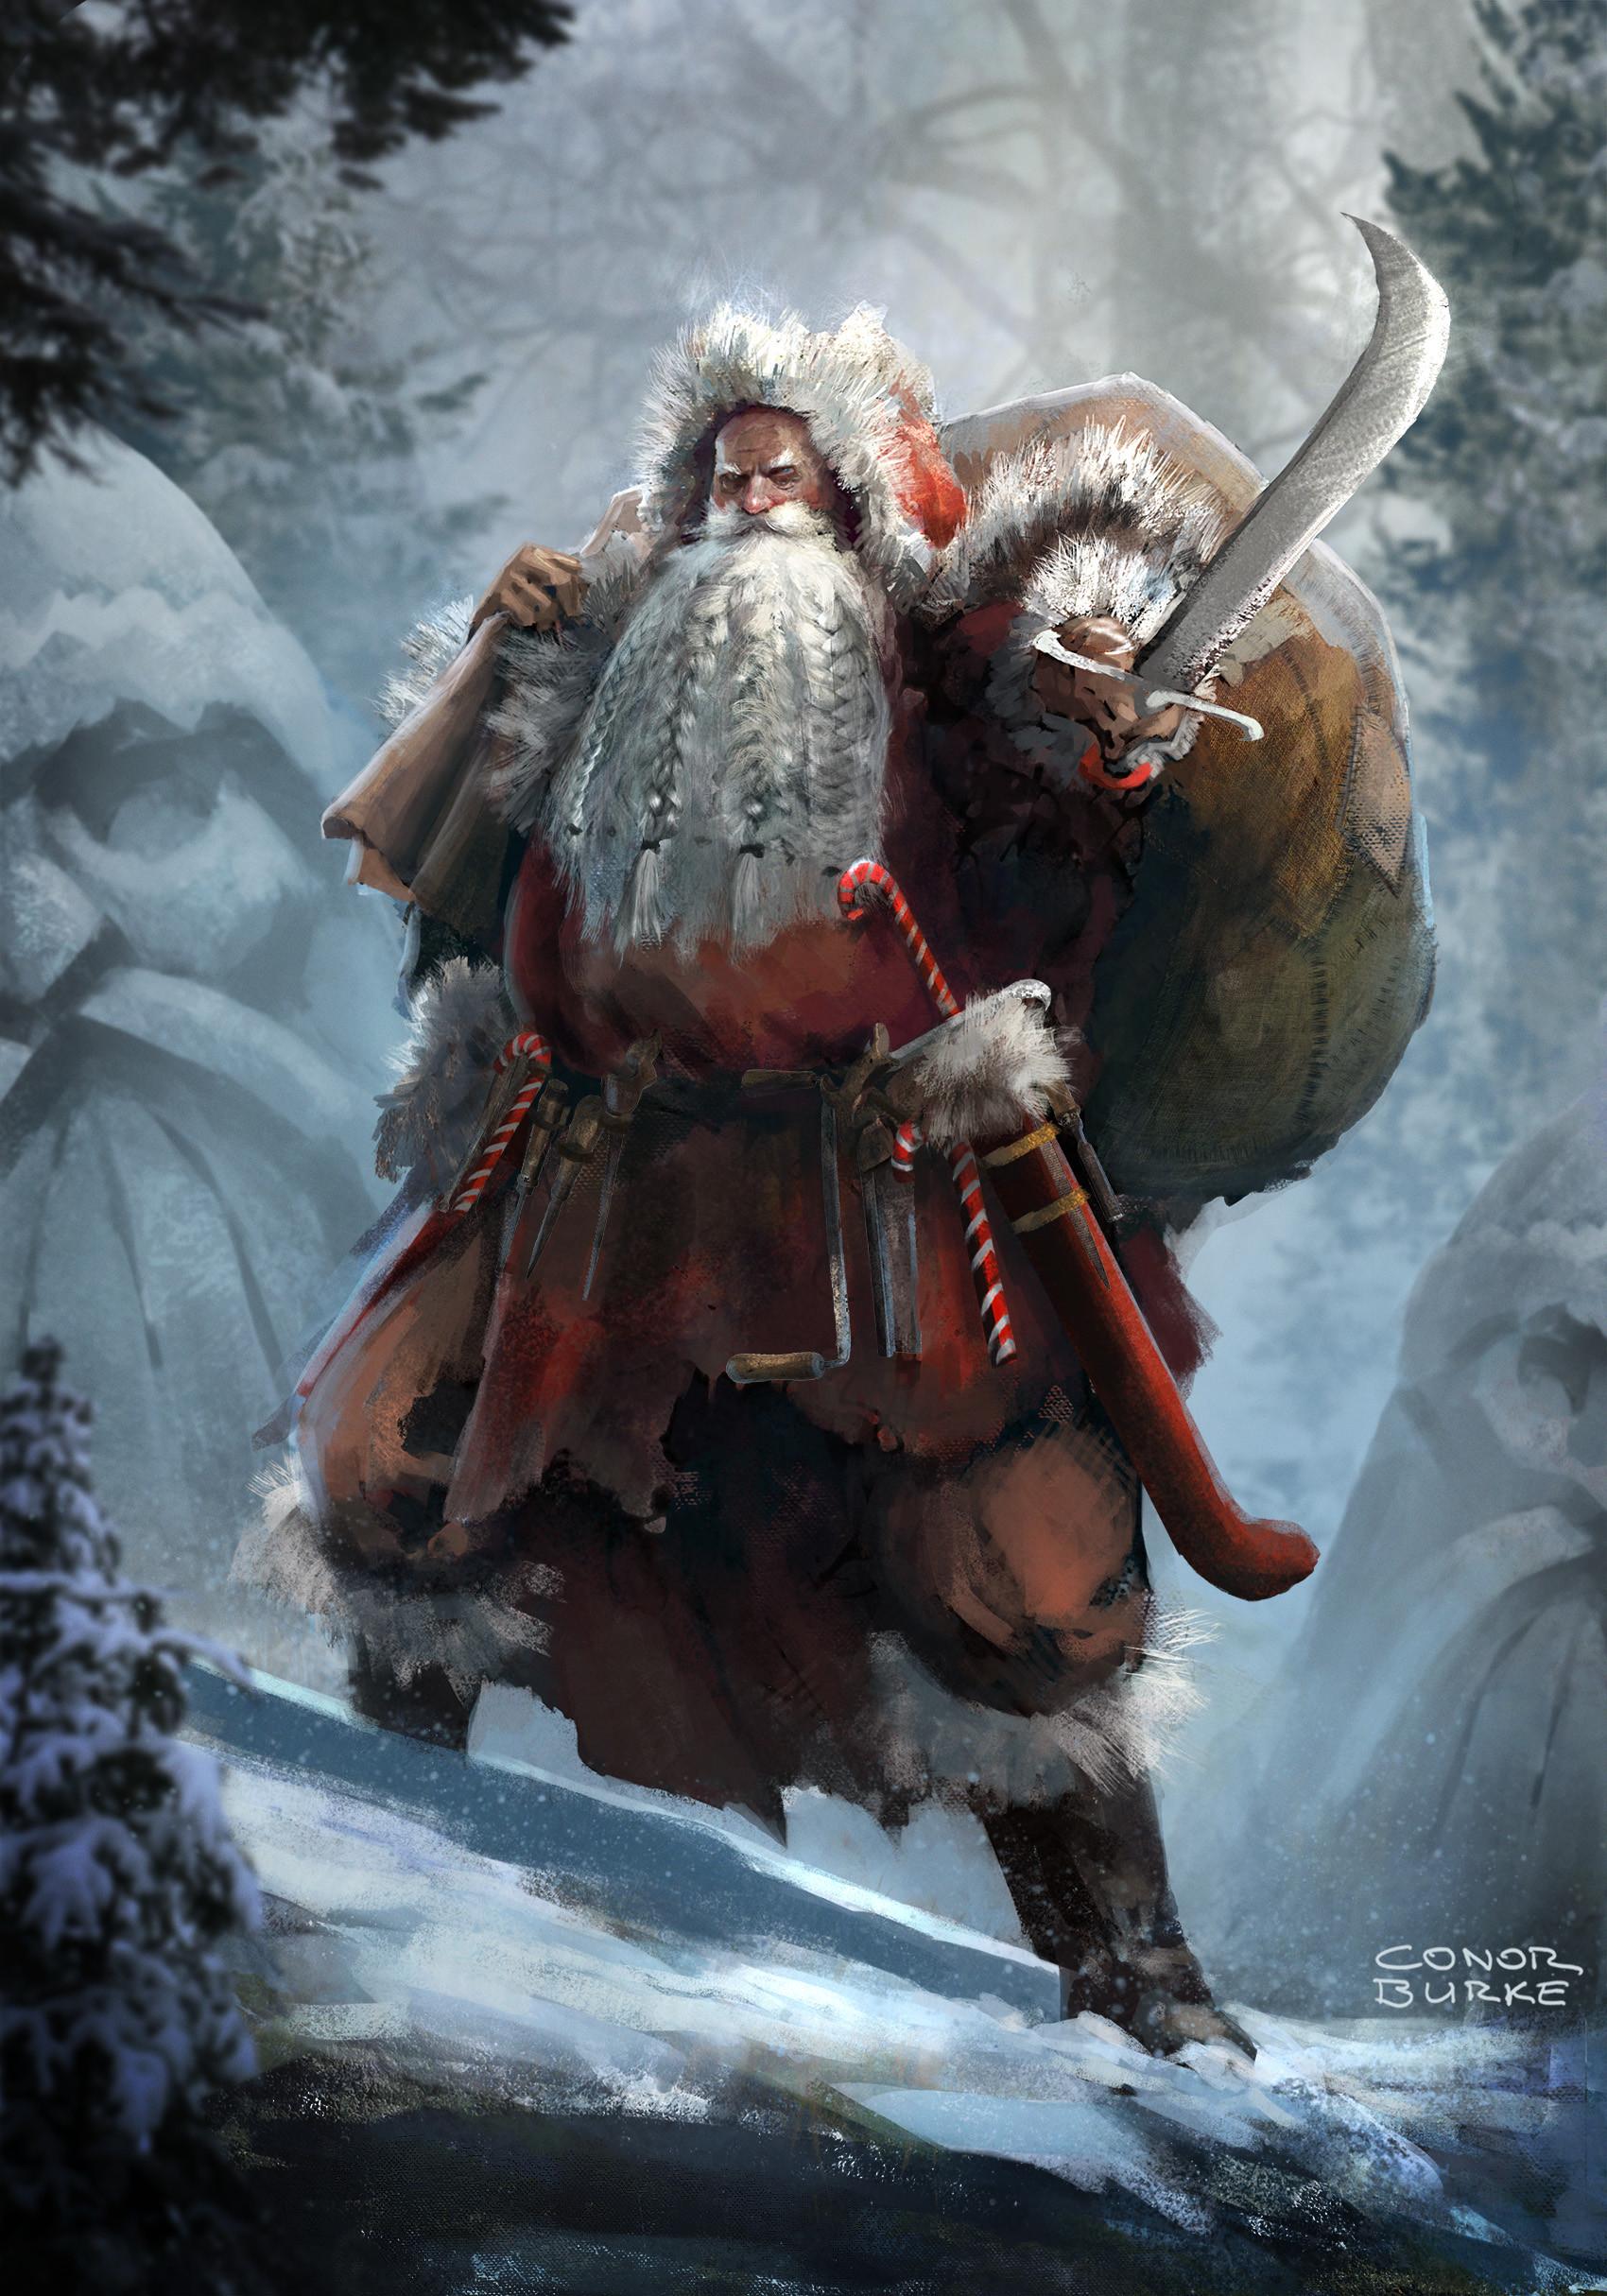 conor-burke-181223-santa-copy.jpg?154570